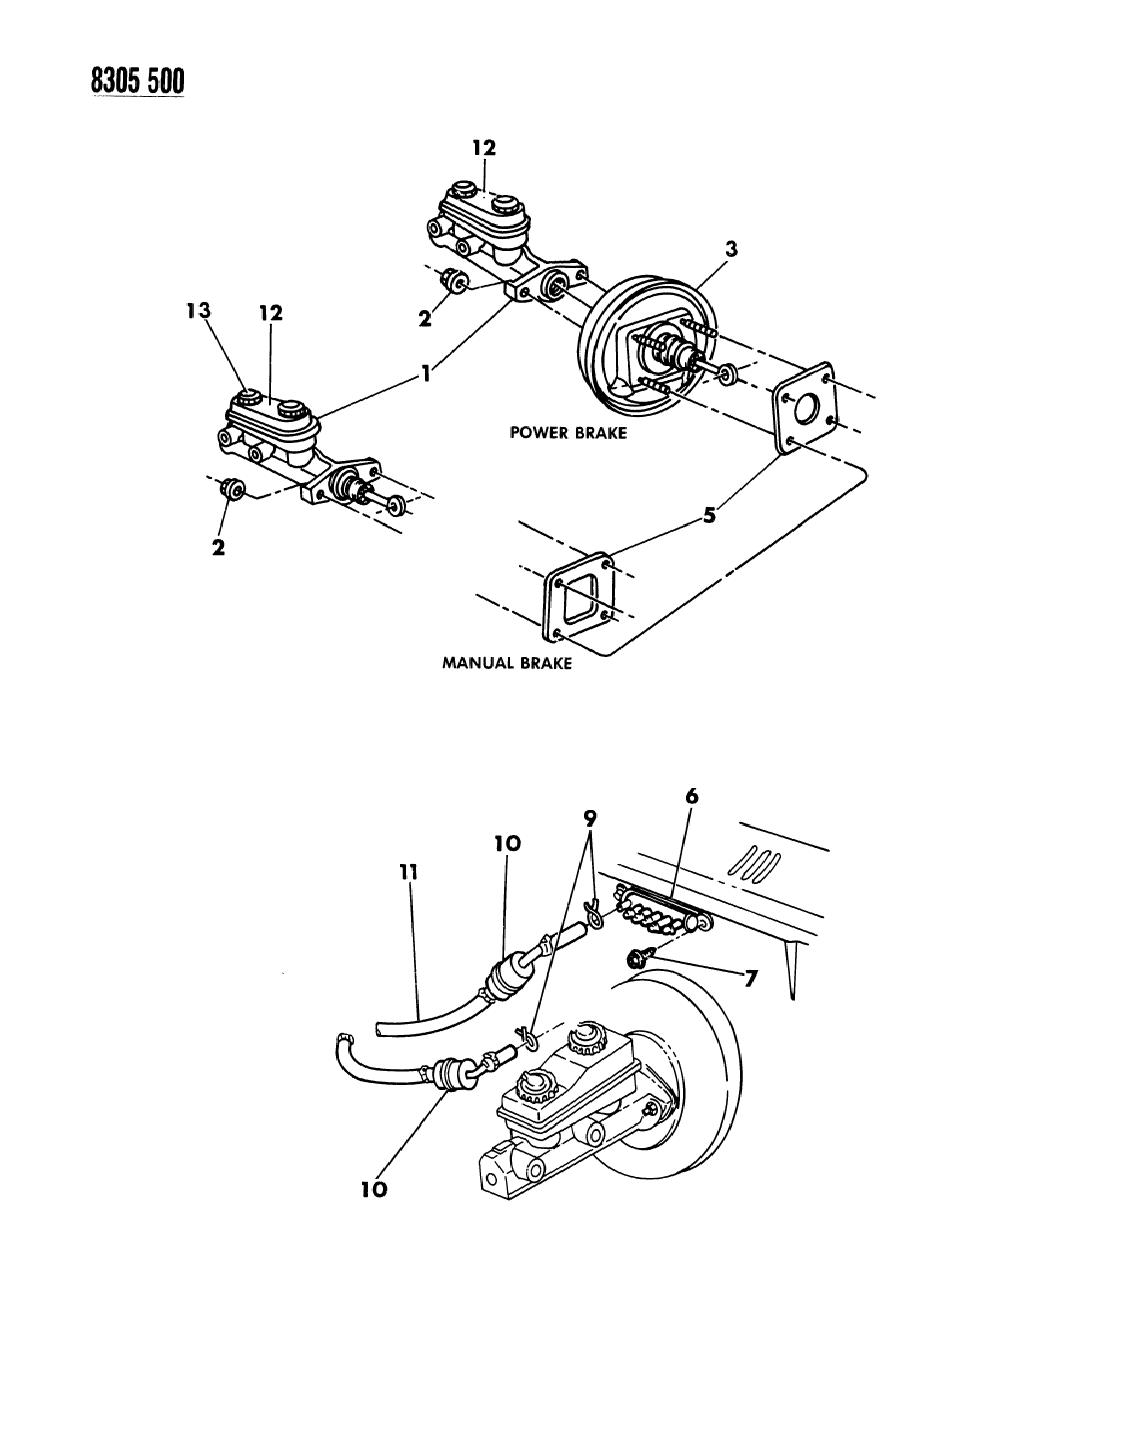 1989 dodge dakota service manual